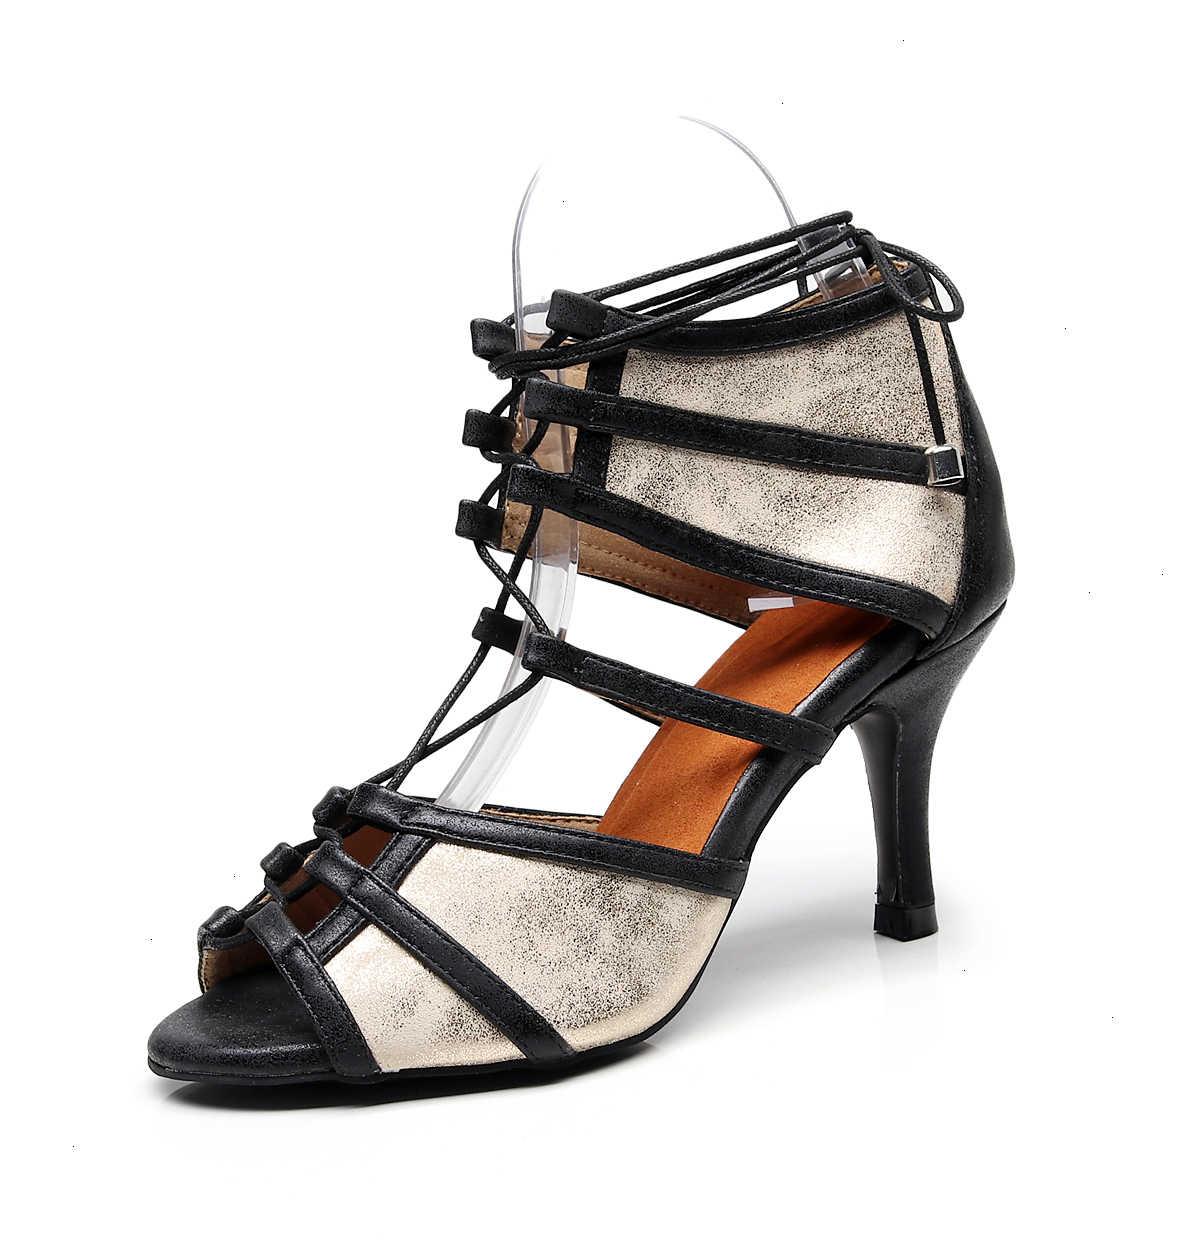 Sıcak satış Salsa caz balo salonu Latin dans ayakkabıları dans kadın artı boyutu kız Latin açık 1006 pompaları botları